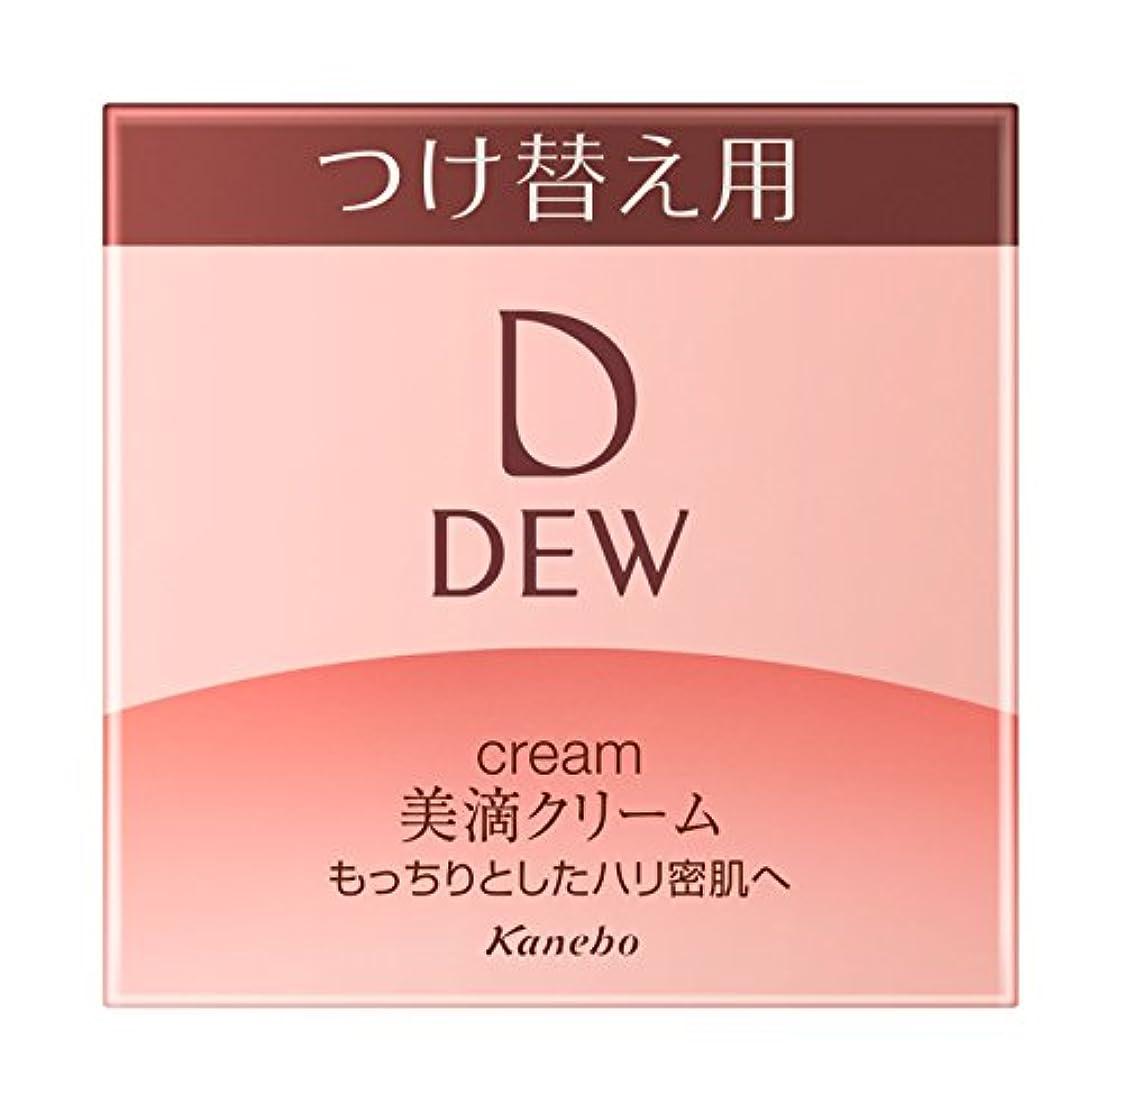 取り消す不安発揮するDEW クリーム レフィル 30g 保湿クリーム